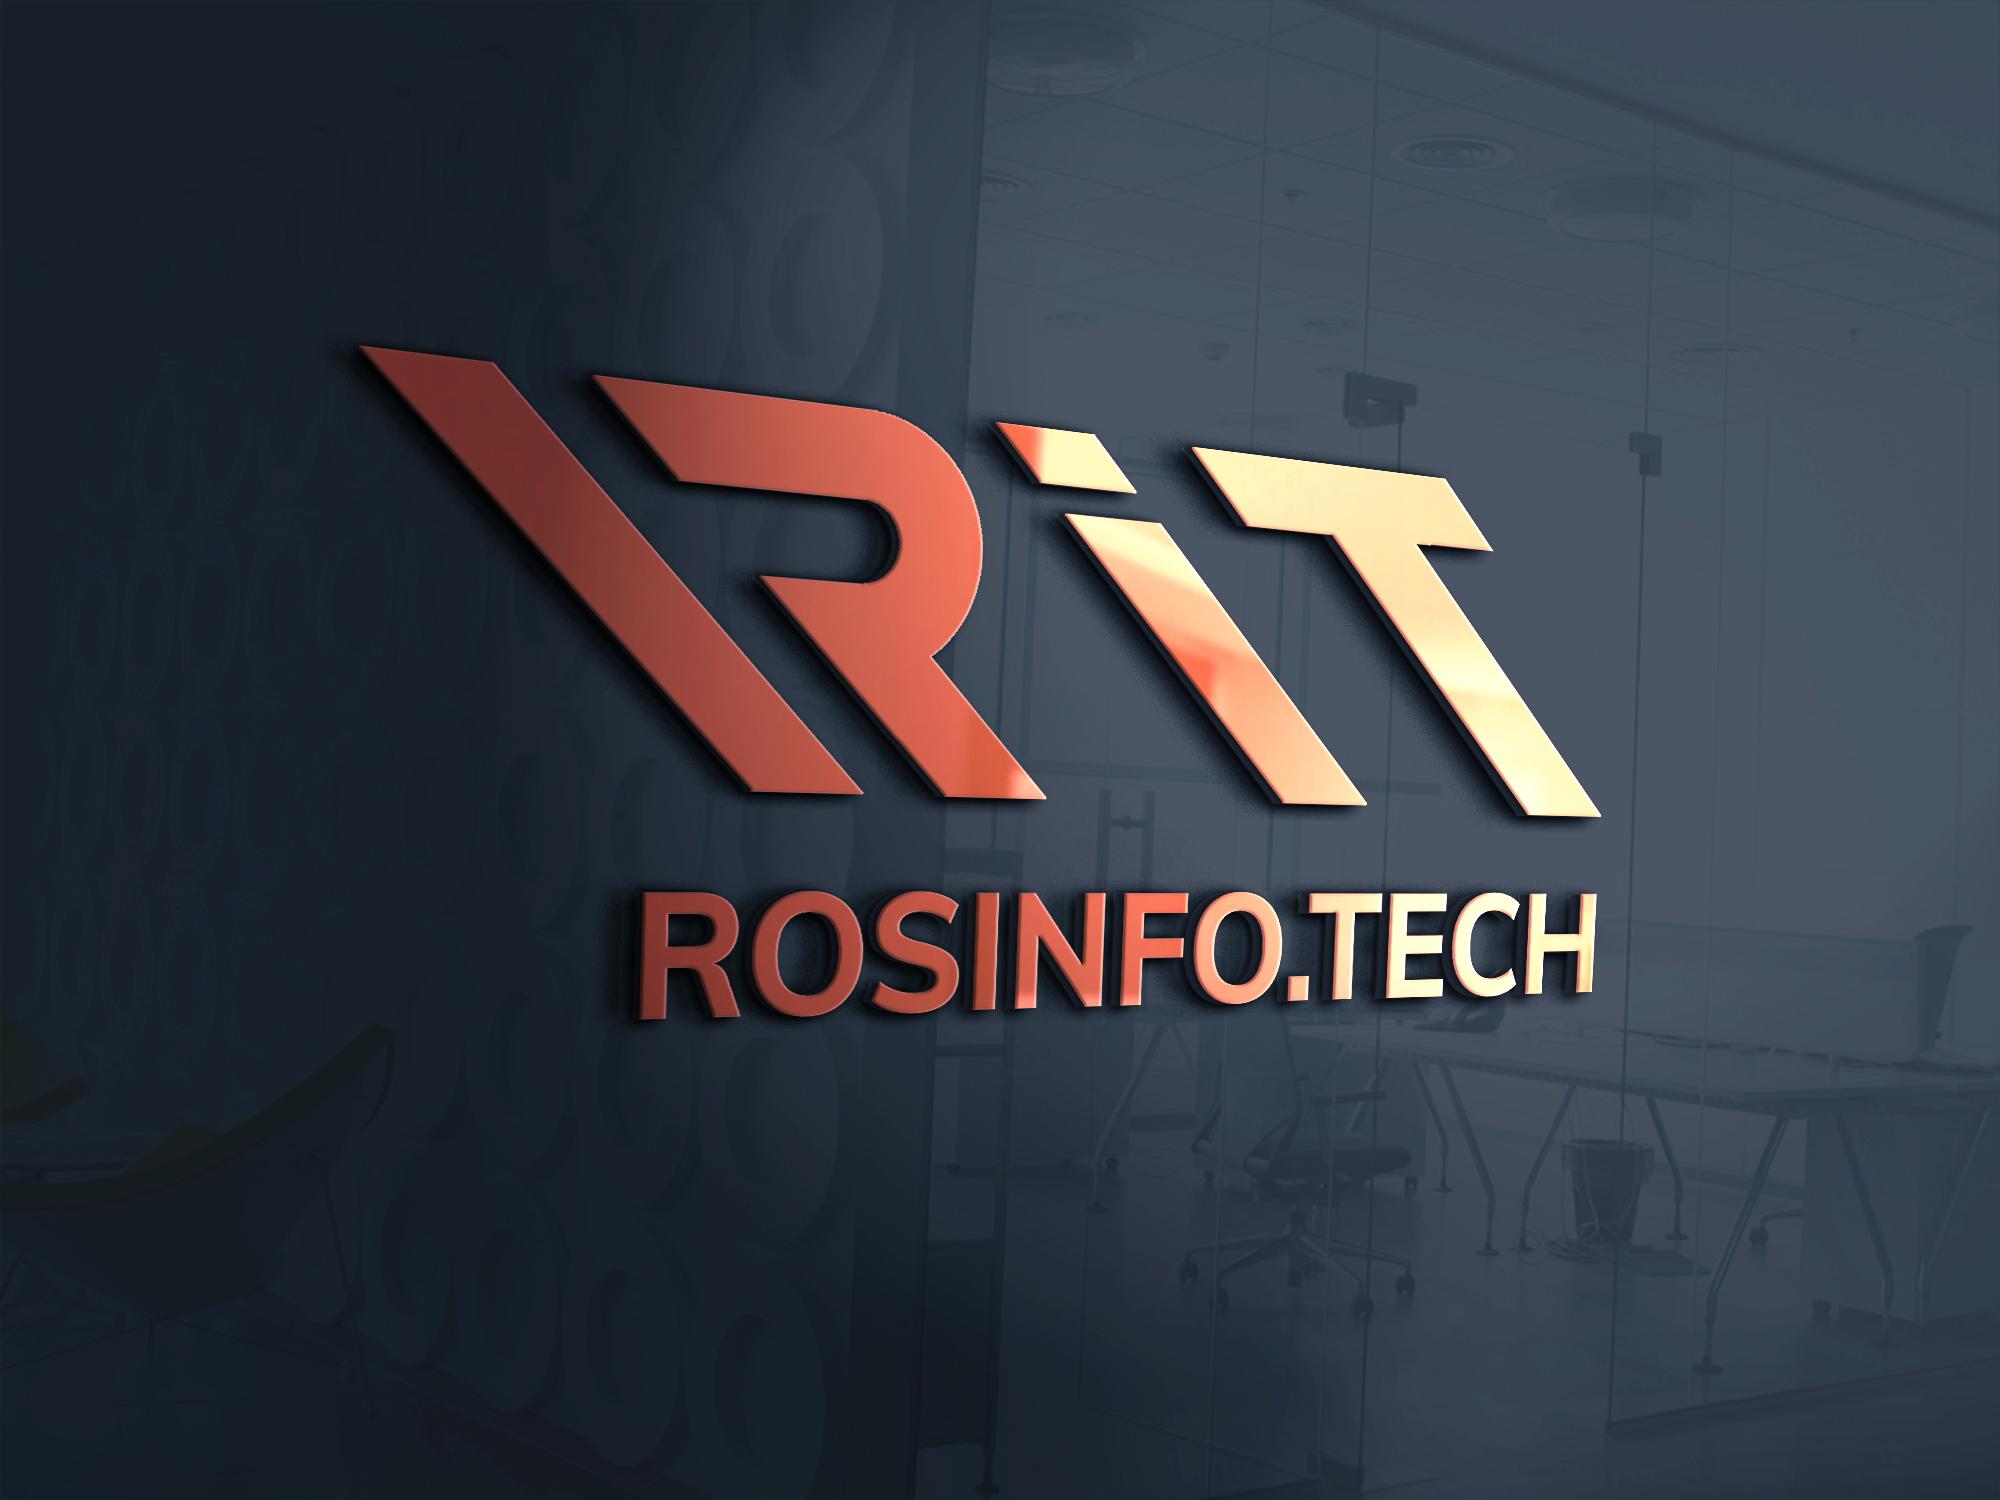 Разработка пакета айдентики rosinfo.tech фото f_8785e25fd08c7ca1.jpg